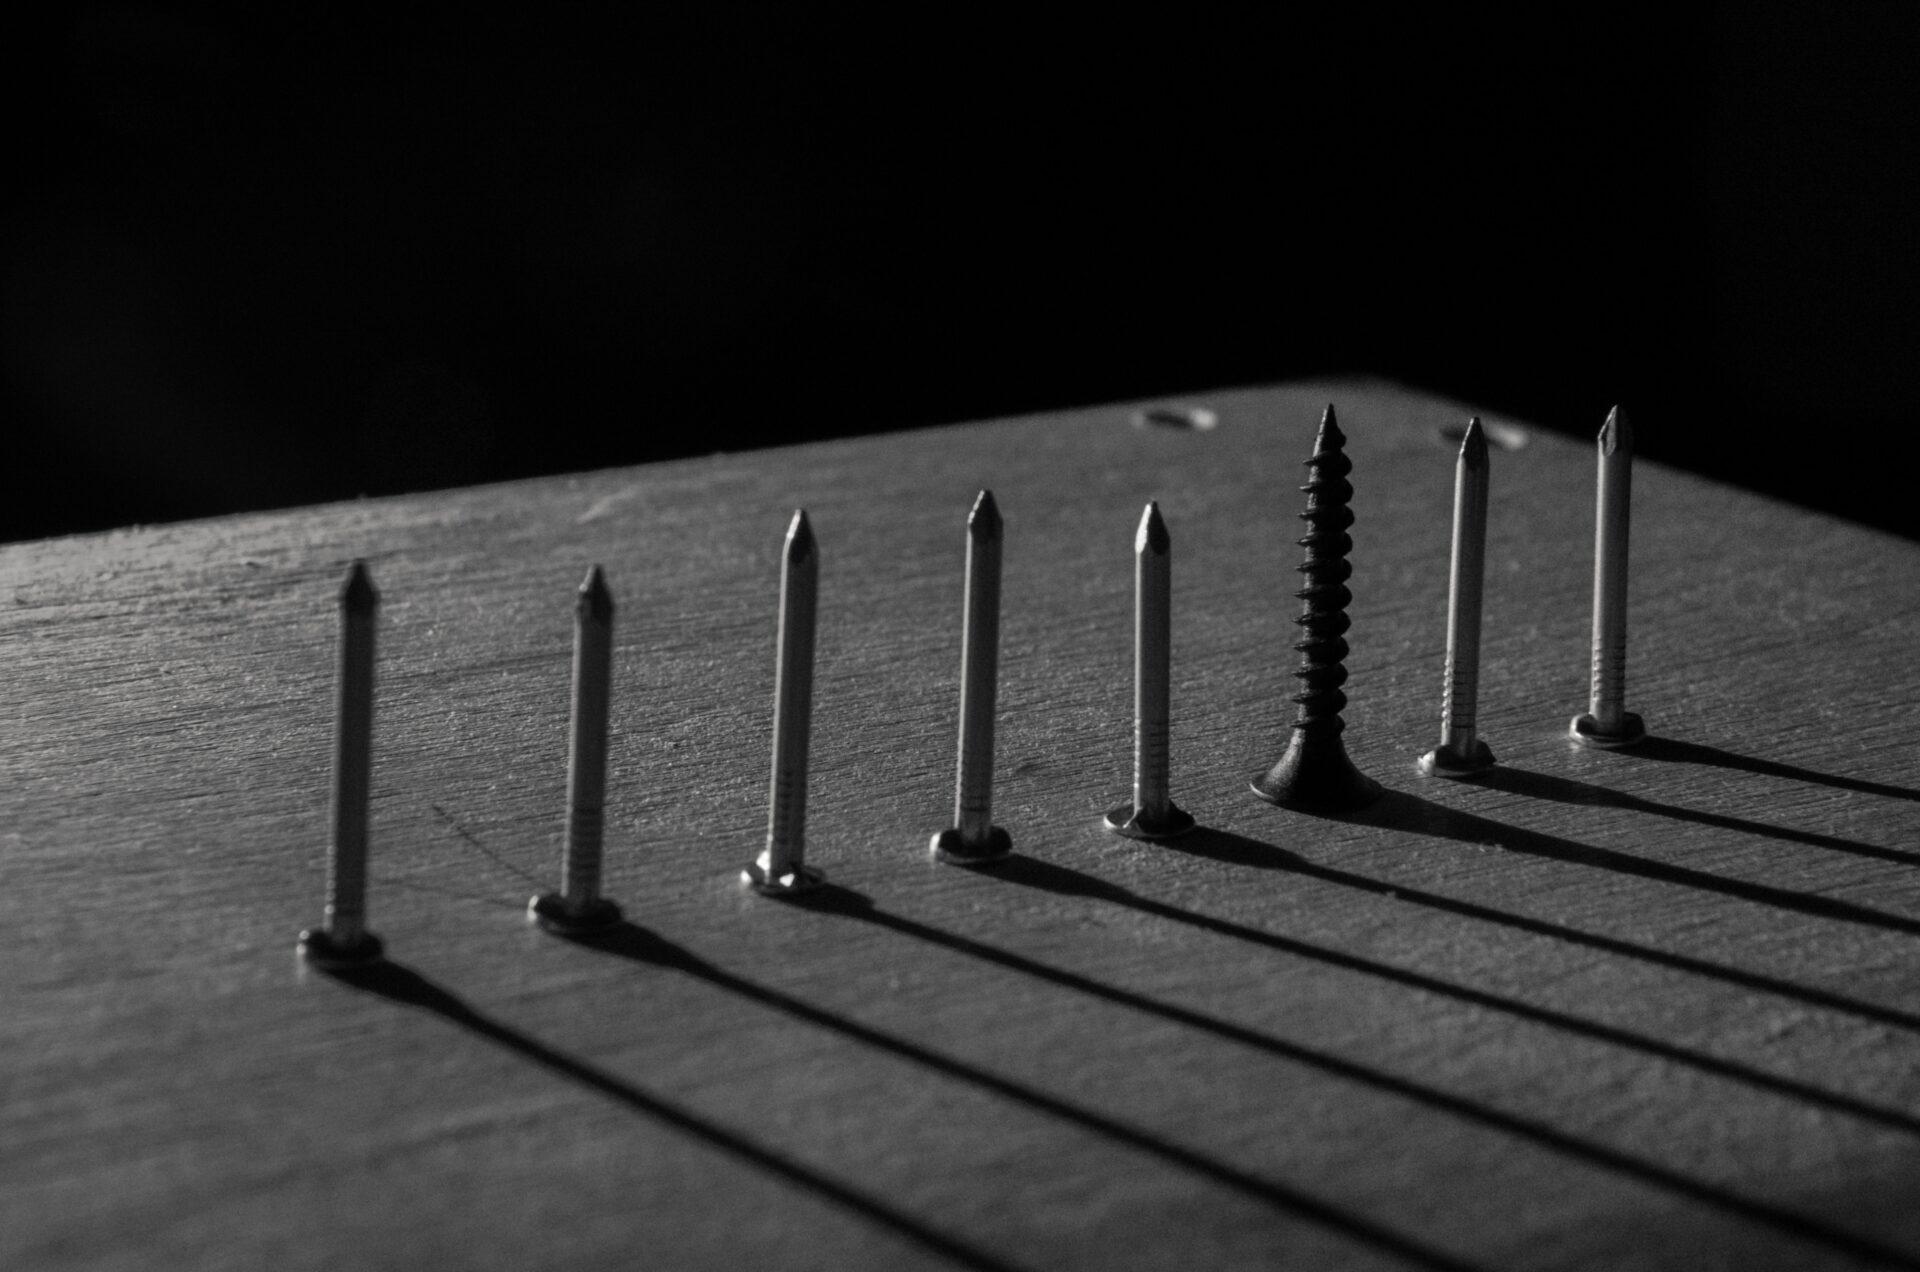 Nagelpistole: Druckluft oder Akku?